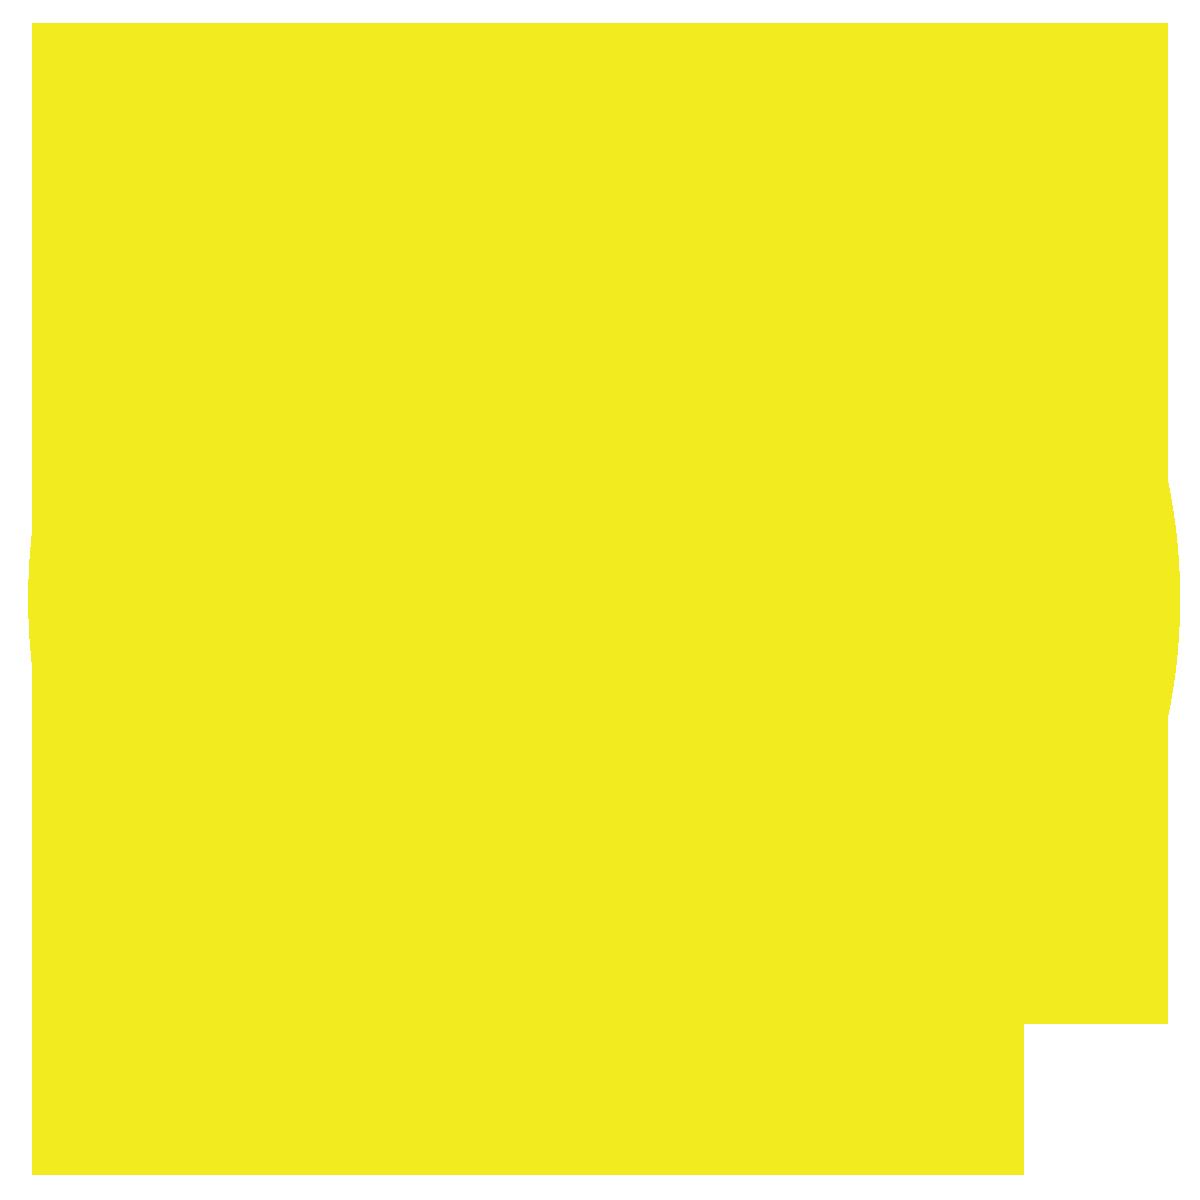 黄色背景上的太阳能面板图标